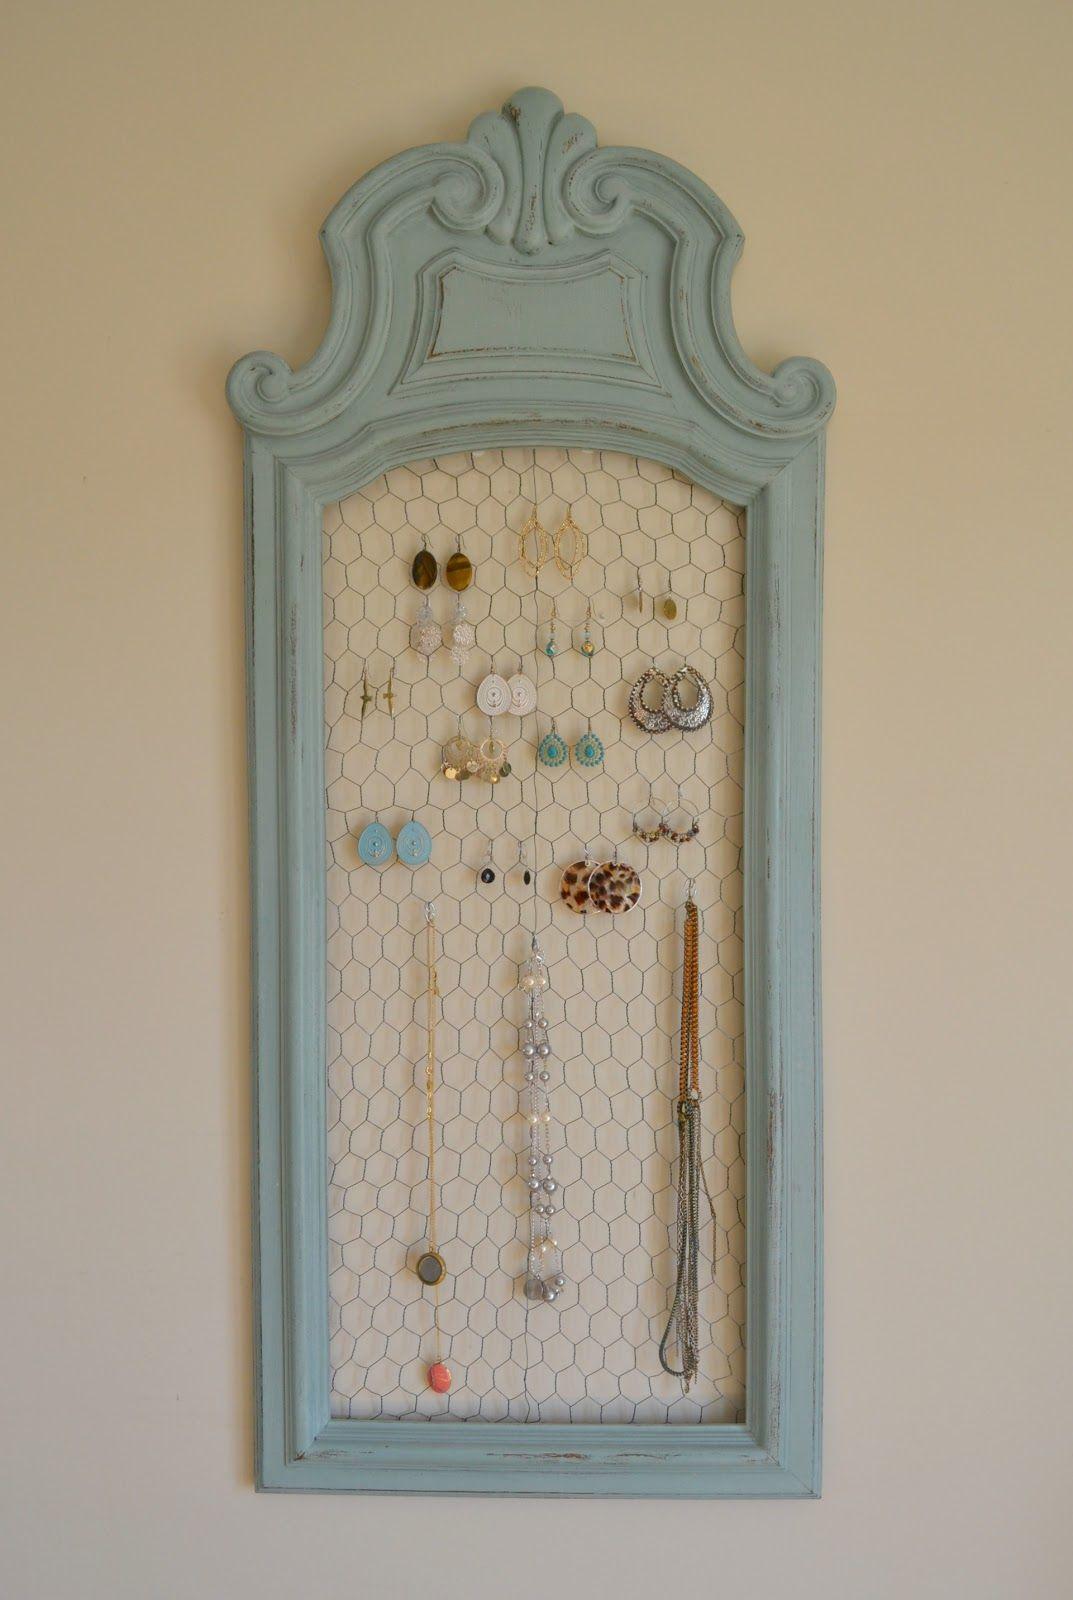 Funky Junk Jewelry Organizer Diy Jewelry Display Jewelry Organizer Diy Diy Picture Frames